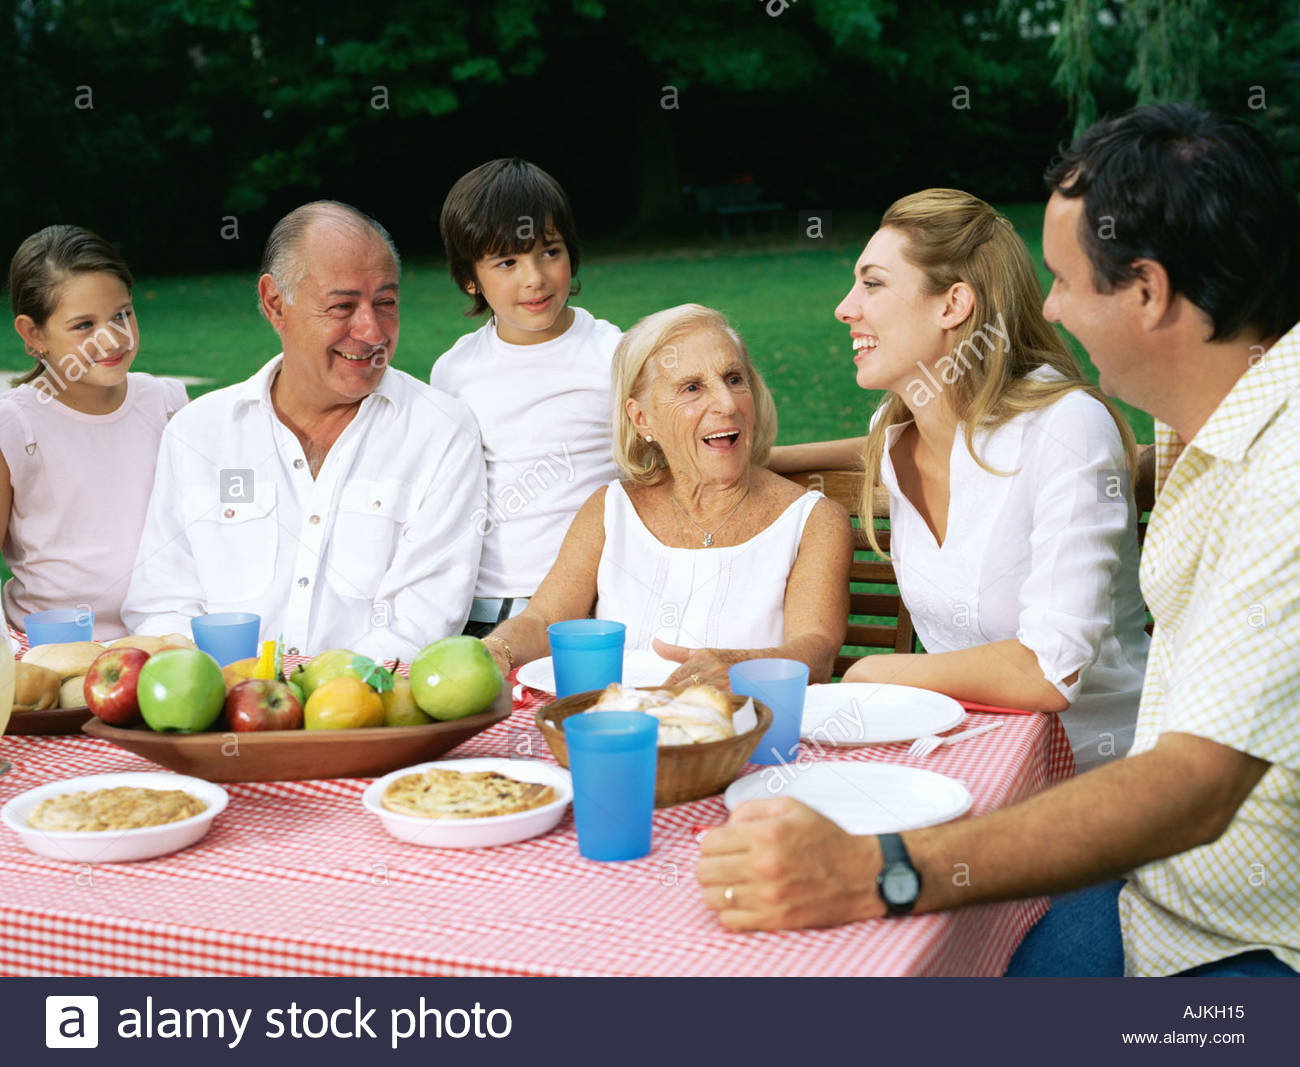 Un repas de famille dans le jardin Photo Stock